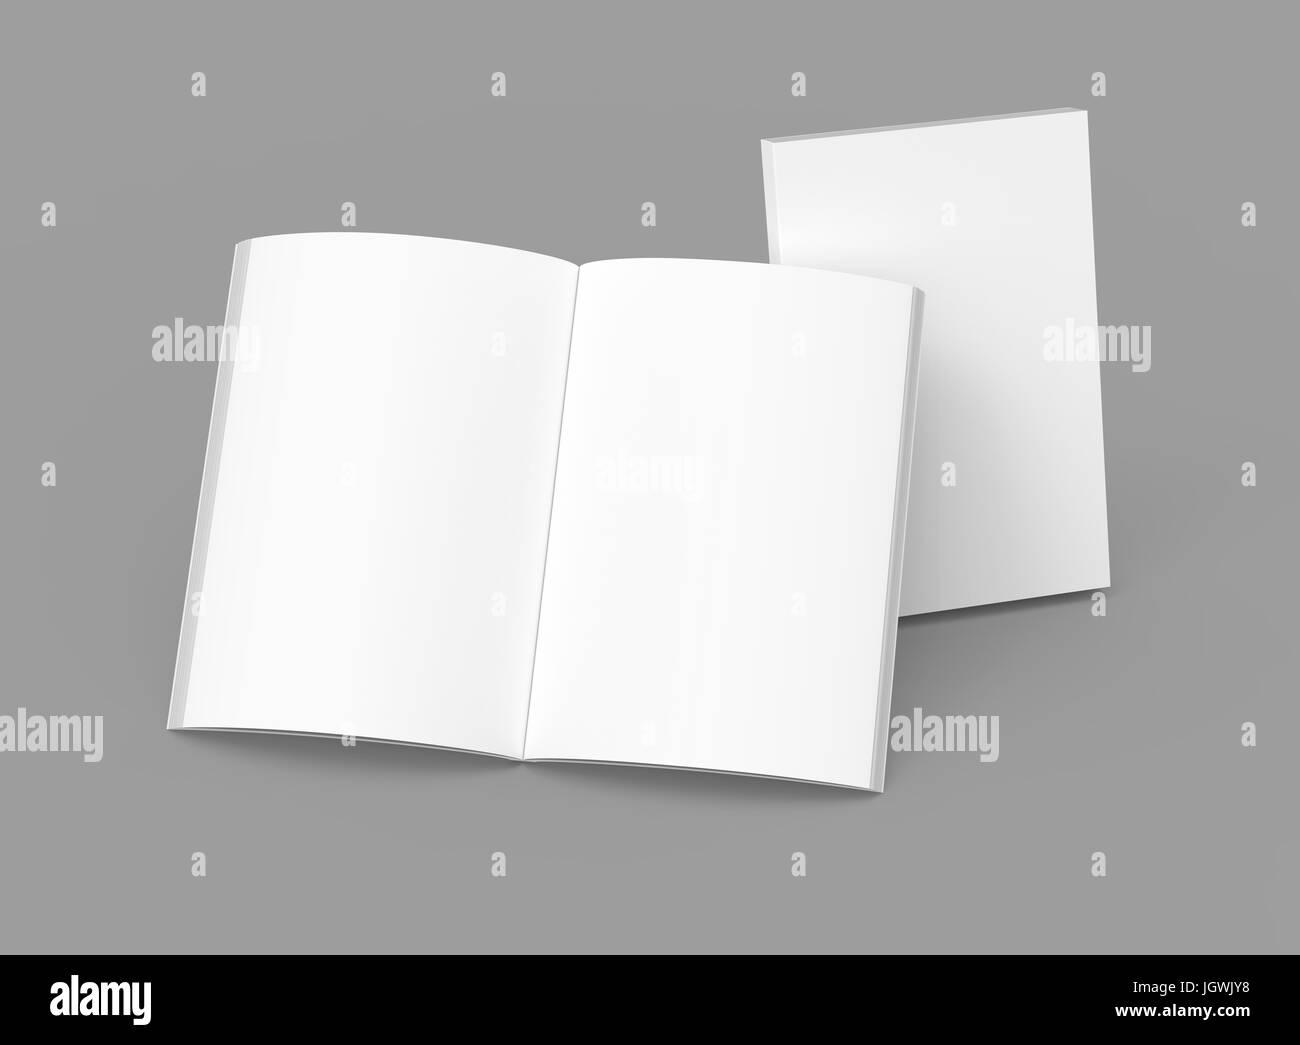 Groß Couchtisch Buch Vorlagen Zeitgenössisch - Entry Level Resume ...